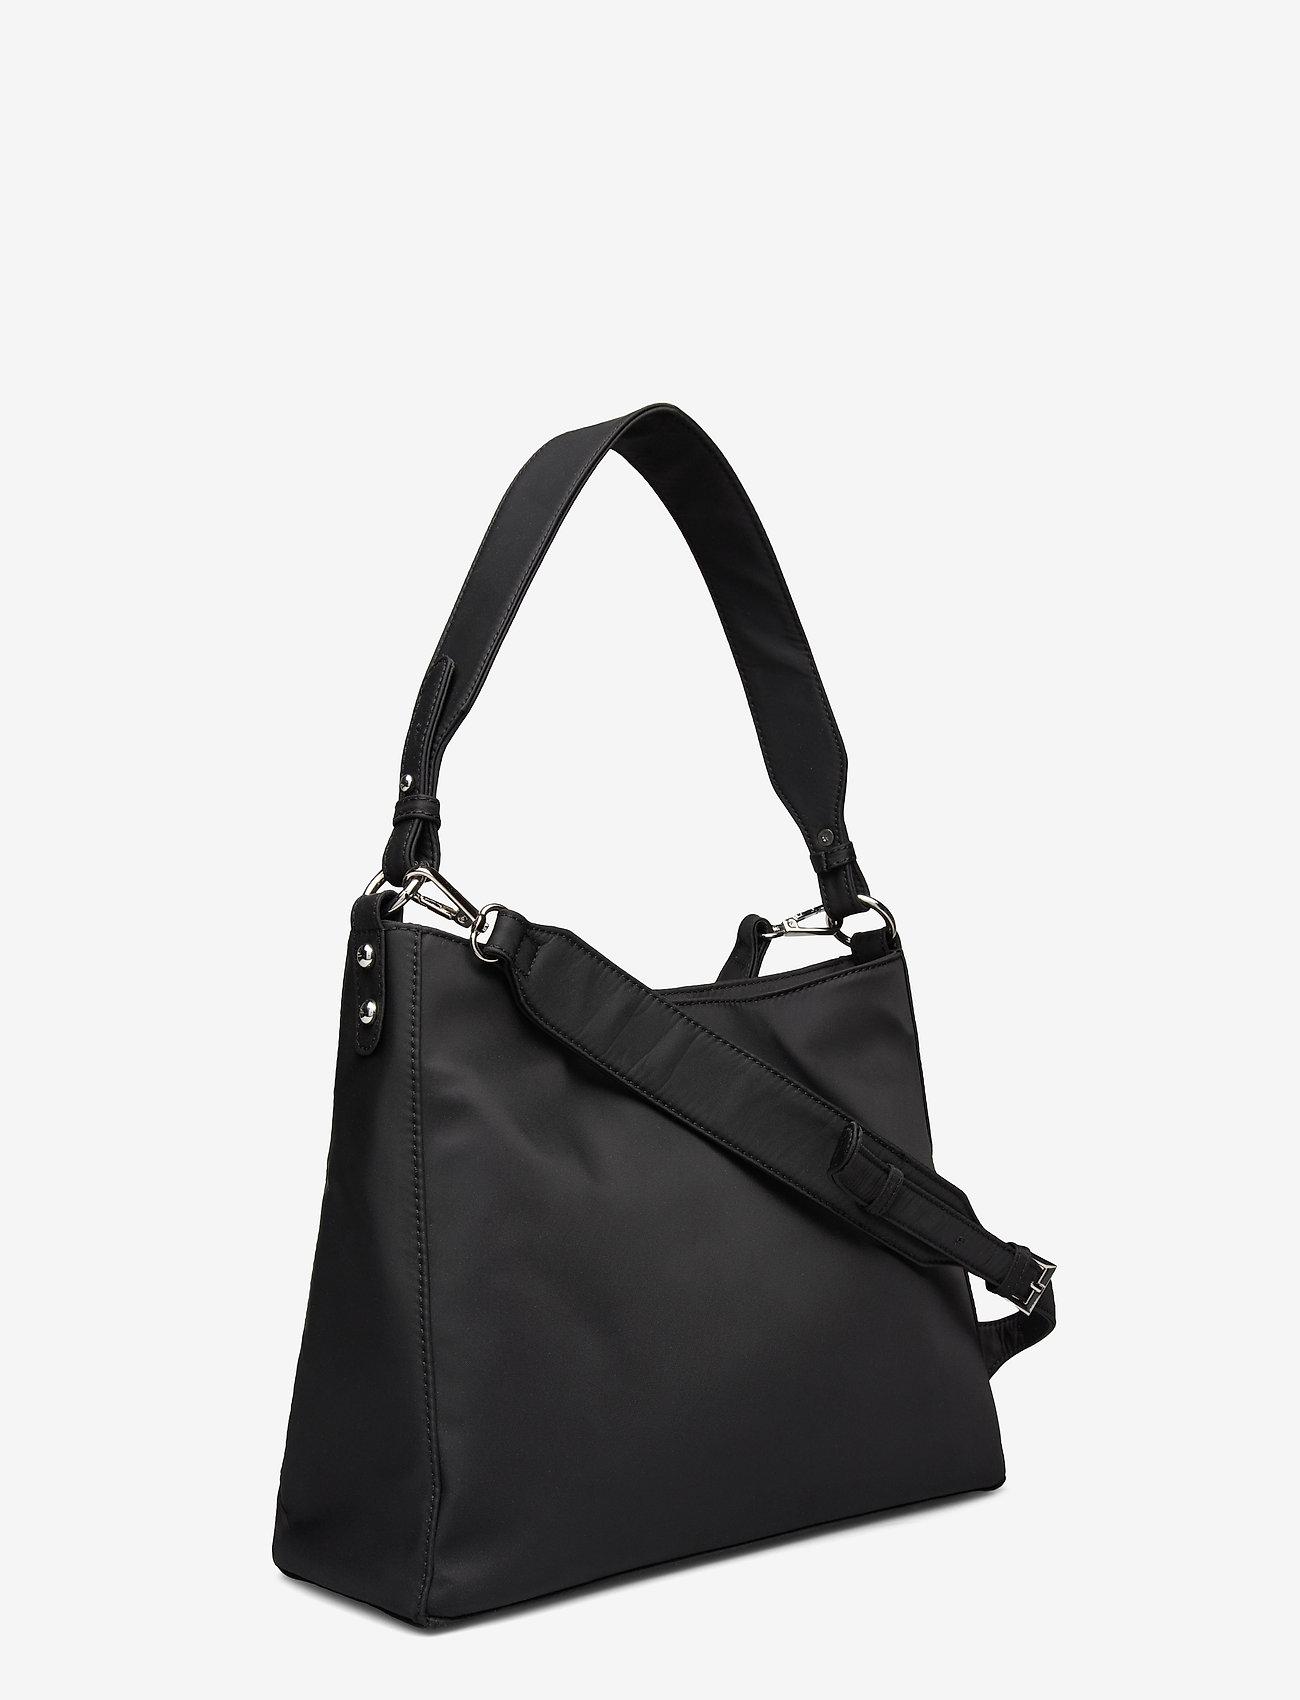 HVISK - AMBLE NYLON RECYCLED - shoulder bags - black - 2